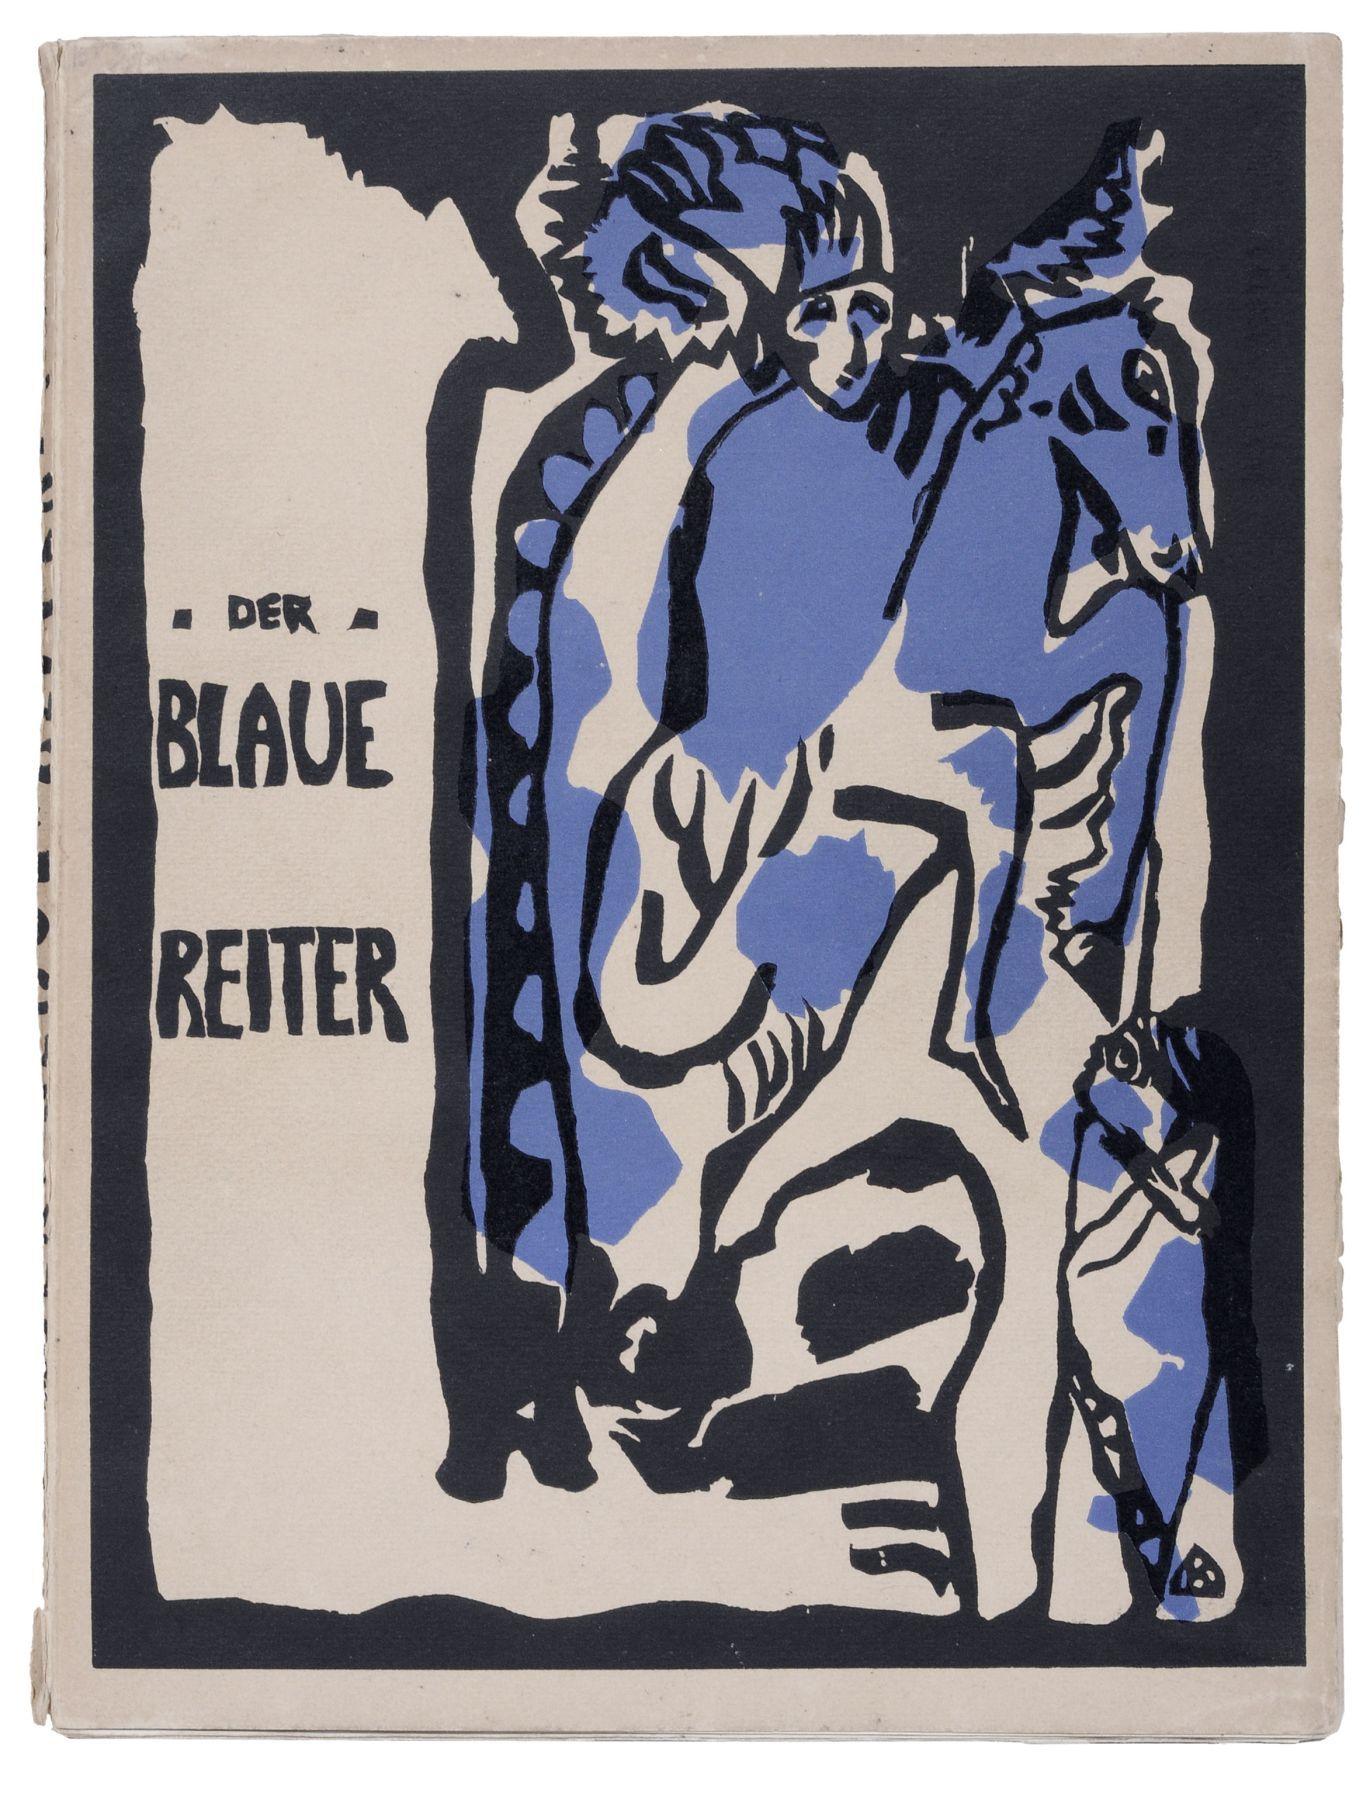 1912 Der Blaue Reiter Kandinsky Primera Publicacion Kandinsky Arte Kandinsky Fauvismo